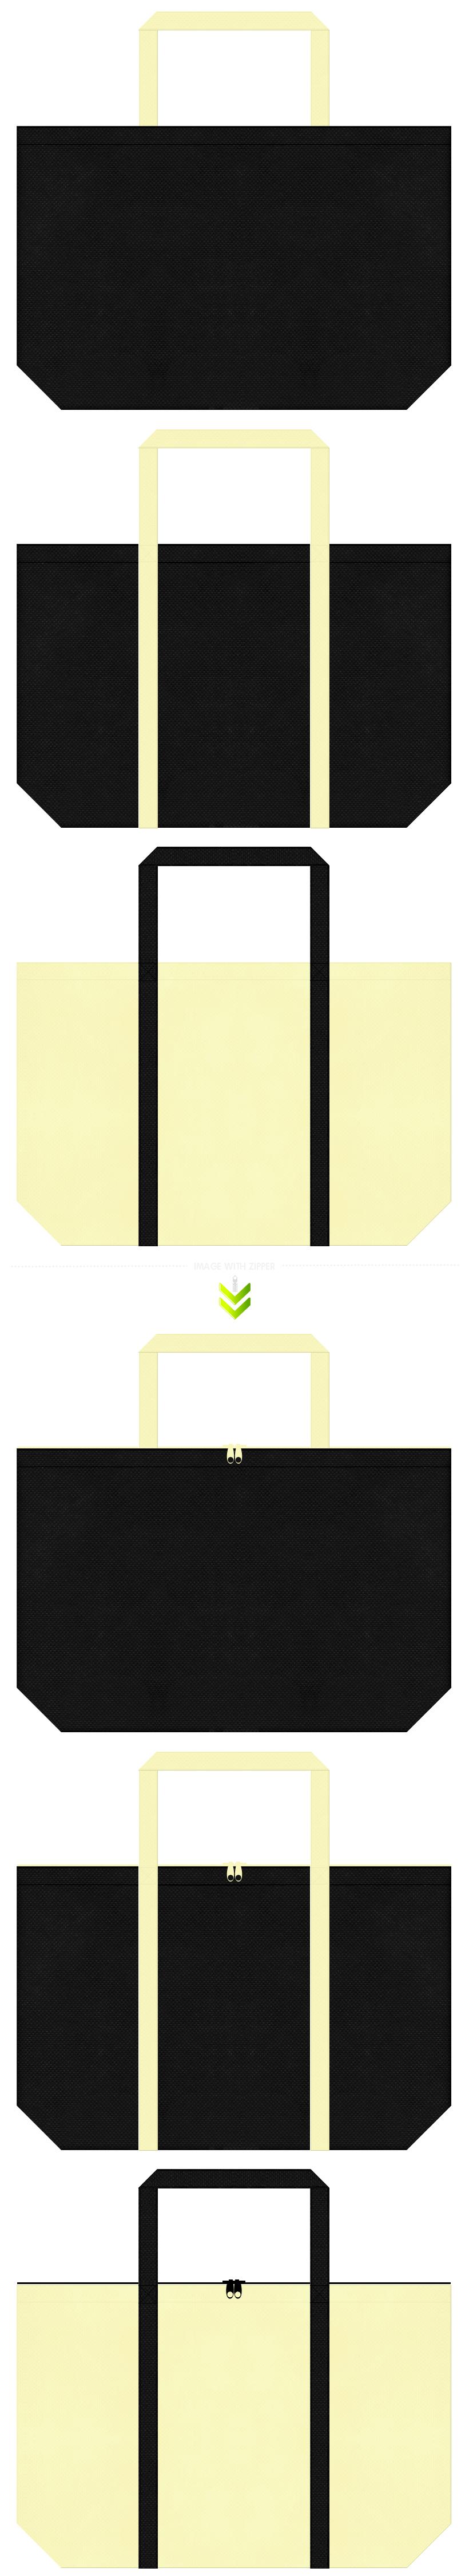 月光・月明かり・照明器具の展示会用バッグにお奨めの不織布バッグデザイン:黒色と薄黄色のコーデ